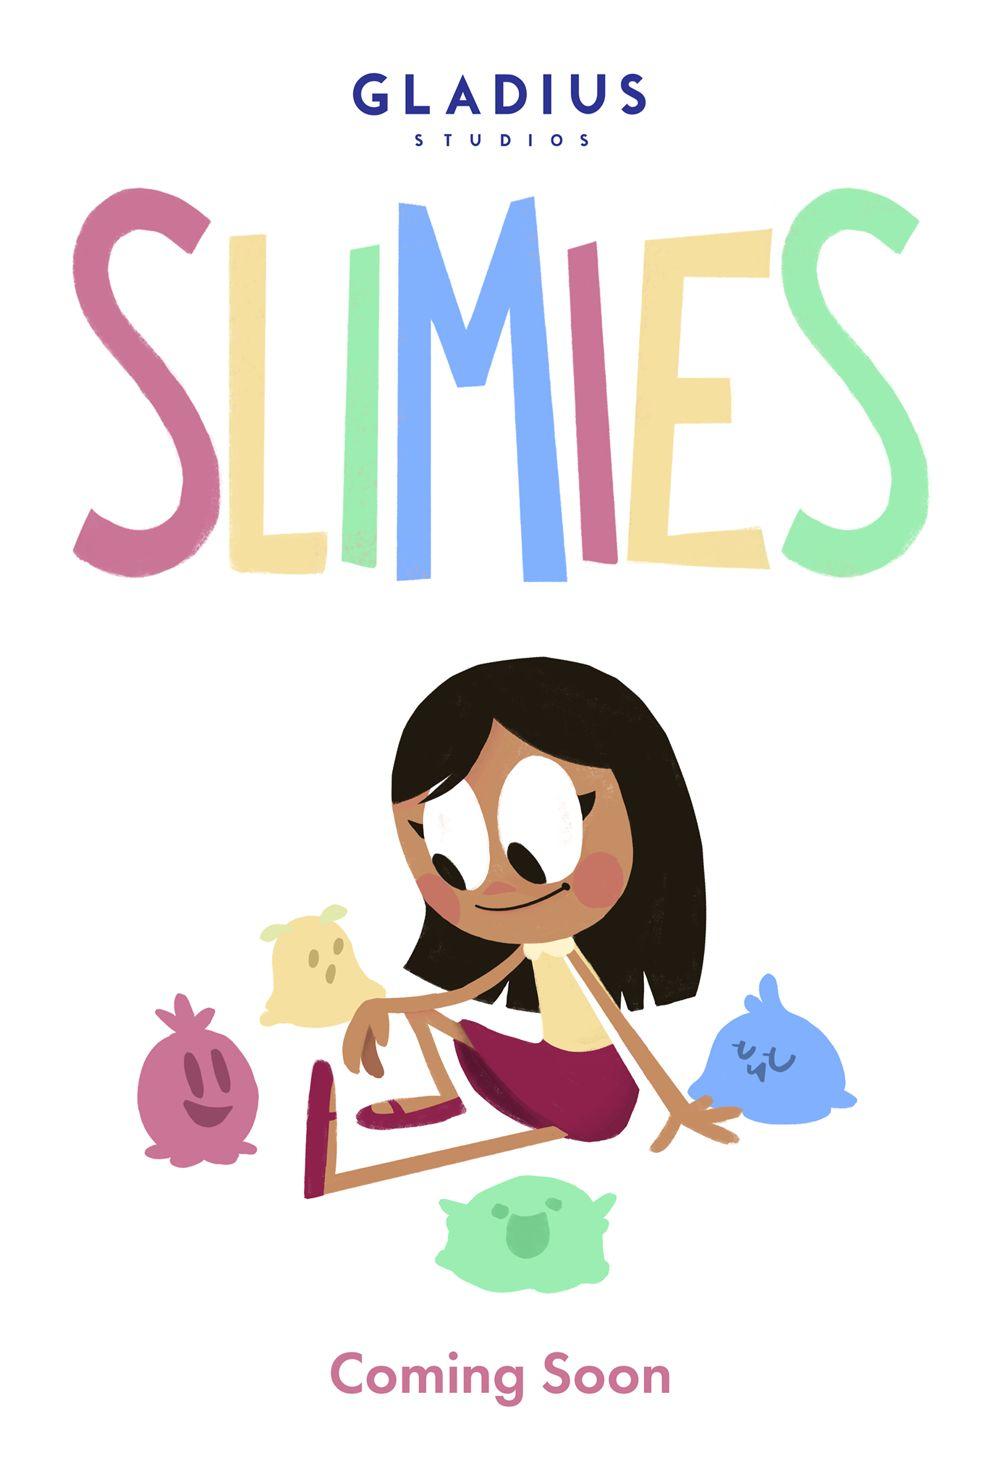 Slimies